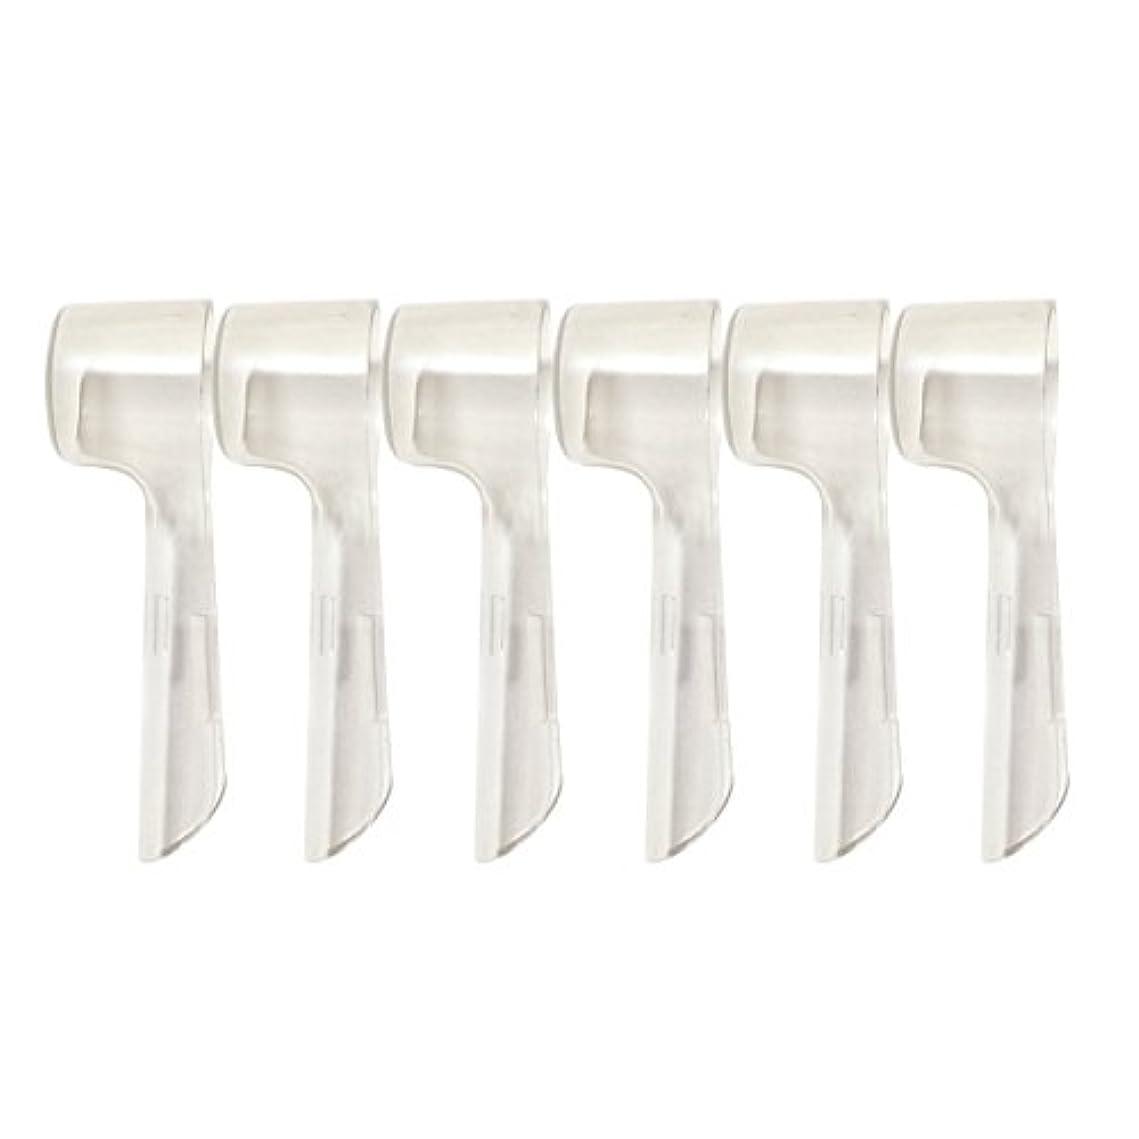 水没毒火山学SUPVOX 旅行のために便利な電動歯ブラシのための6本の歯ブラシヘッドカバー